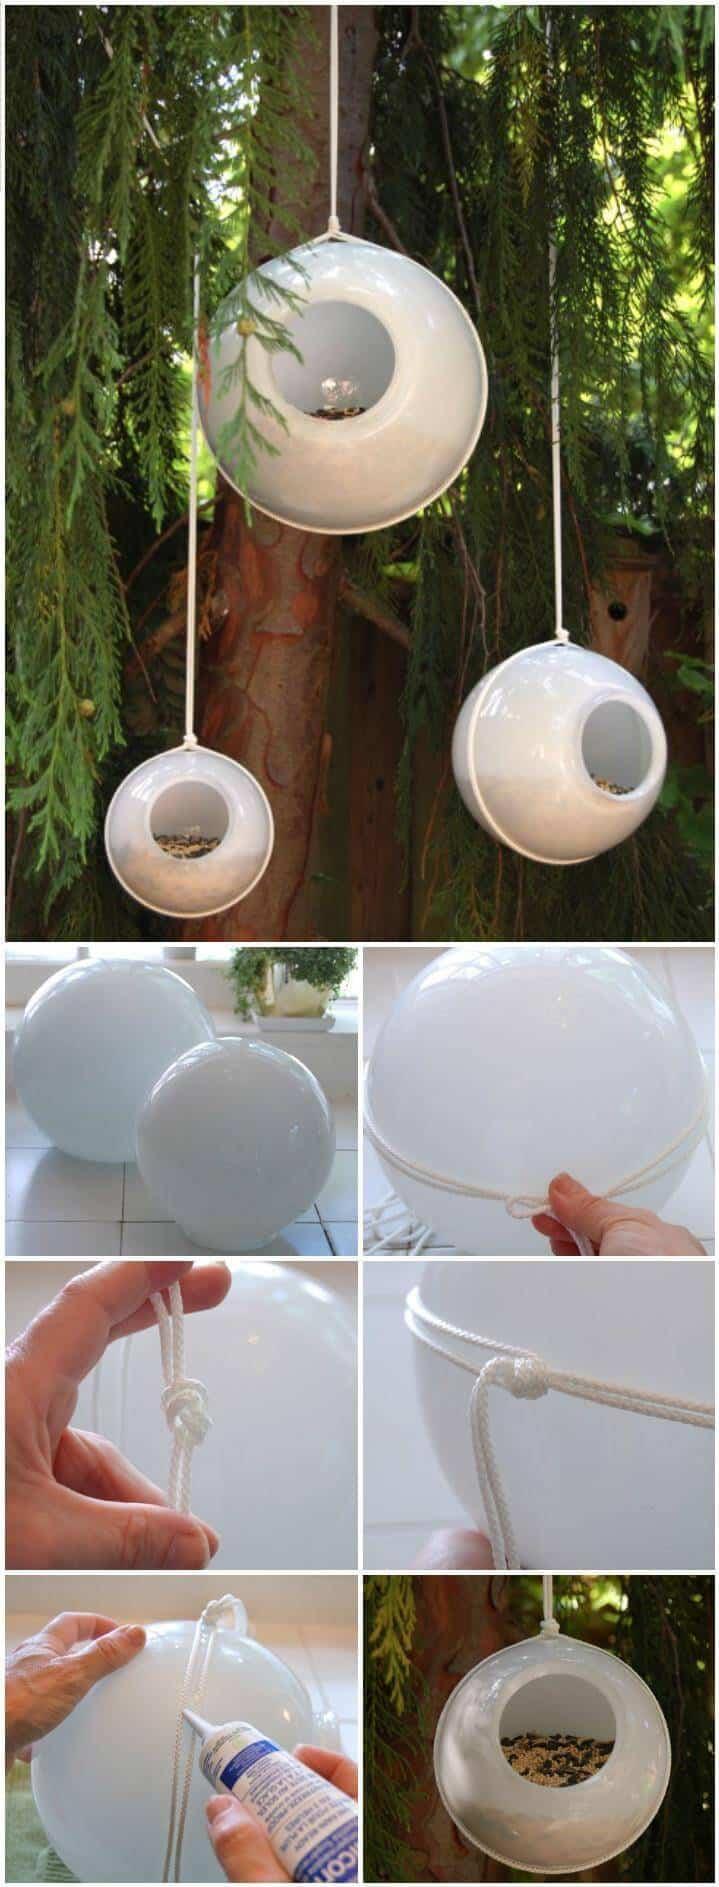 comederos para pájaros de orbes de vidrio reutilizados